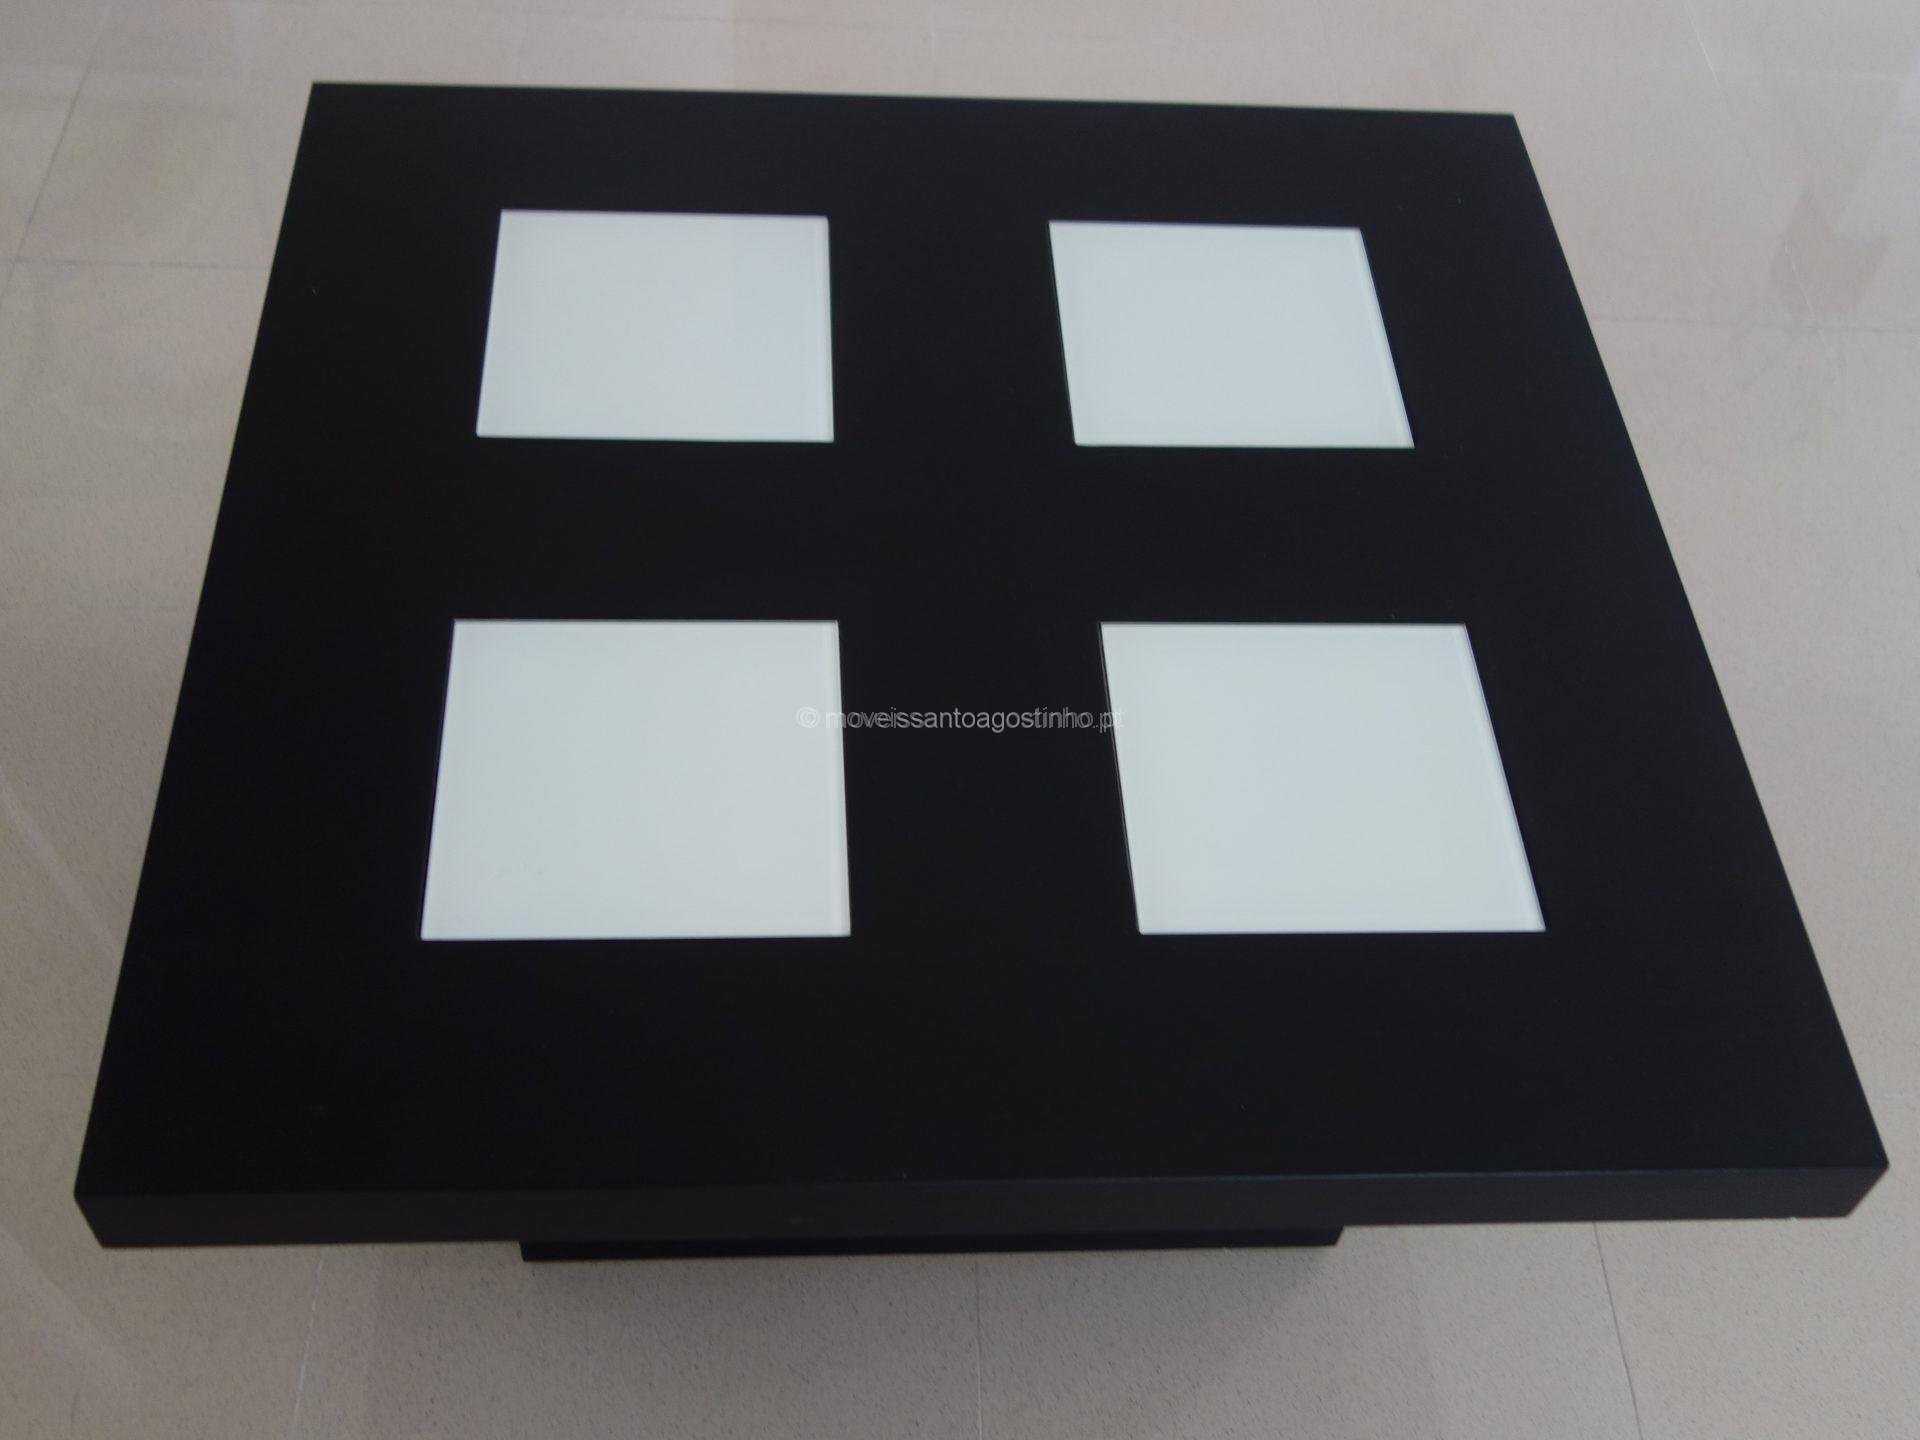 Mesa de centro quadrada 4 vidros